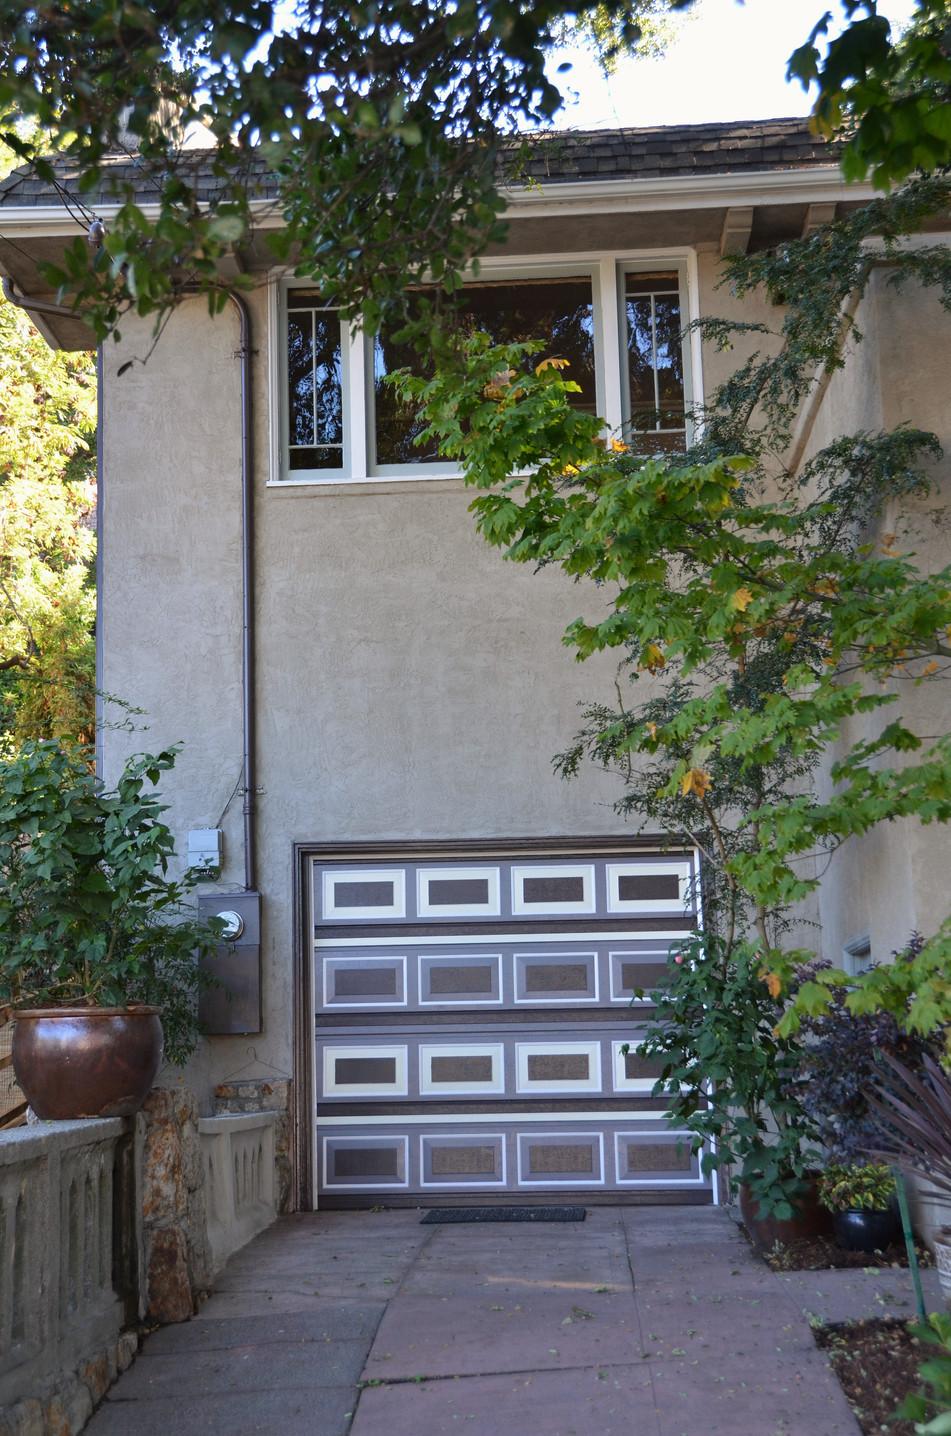 driveway and regarage door